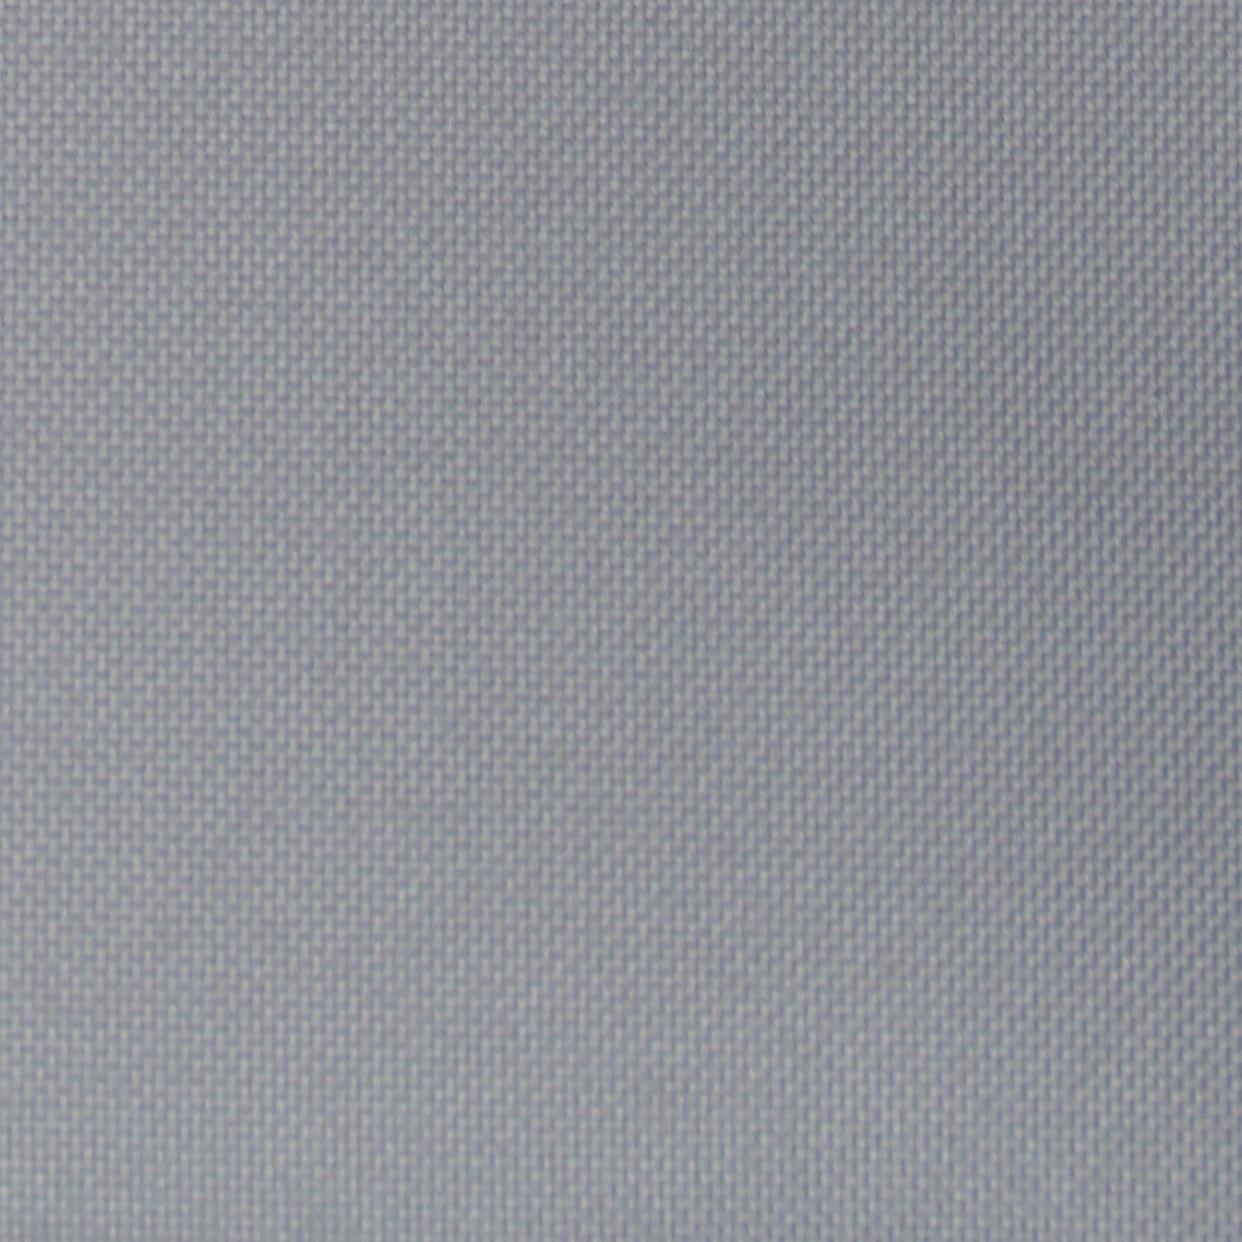 Рулонные шторы Ткань Мадрид 852 Серый